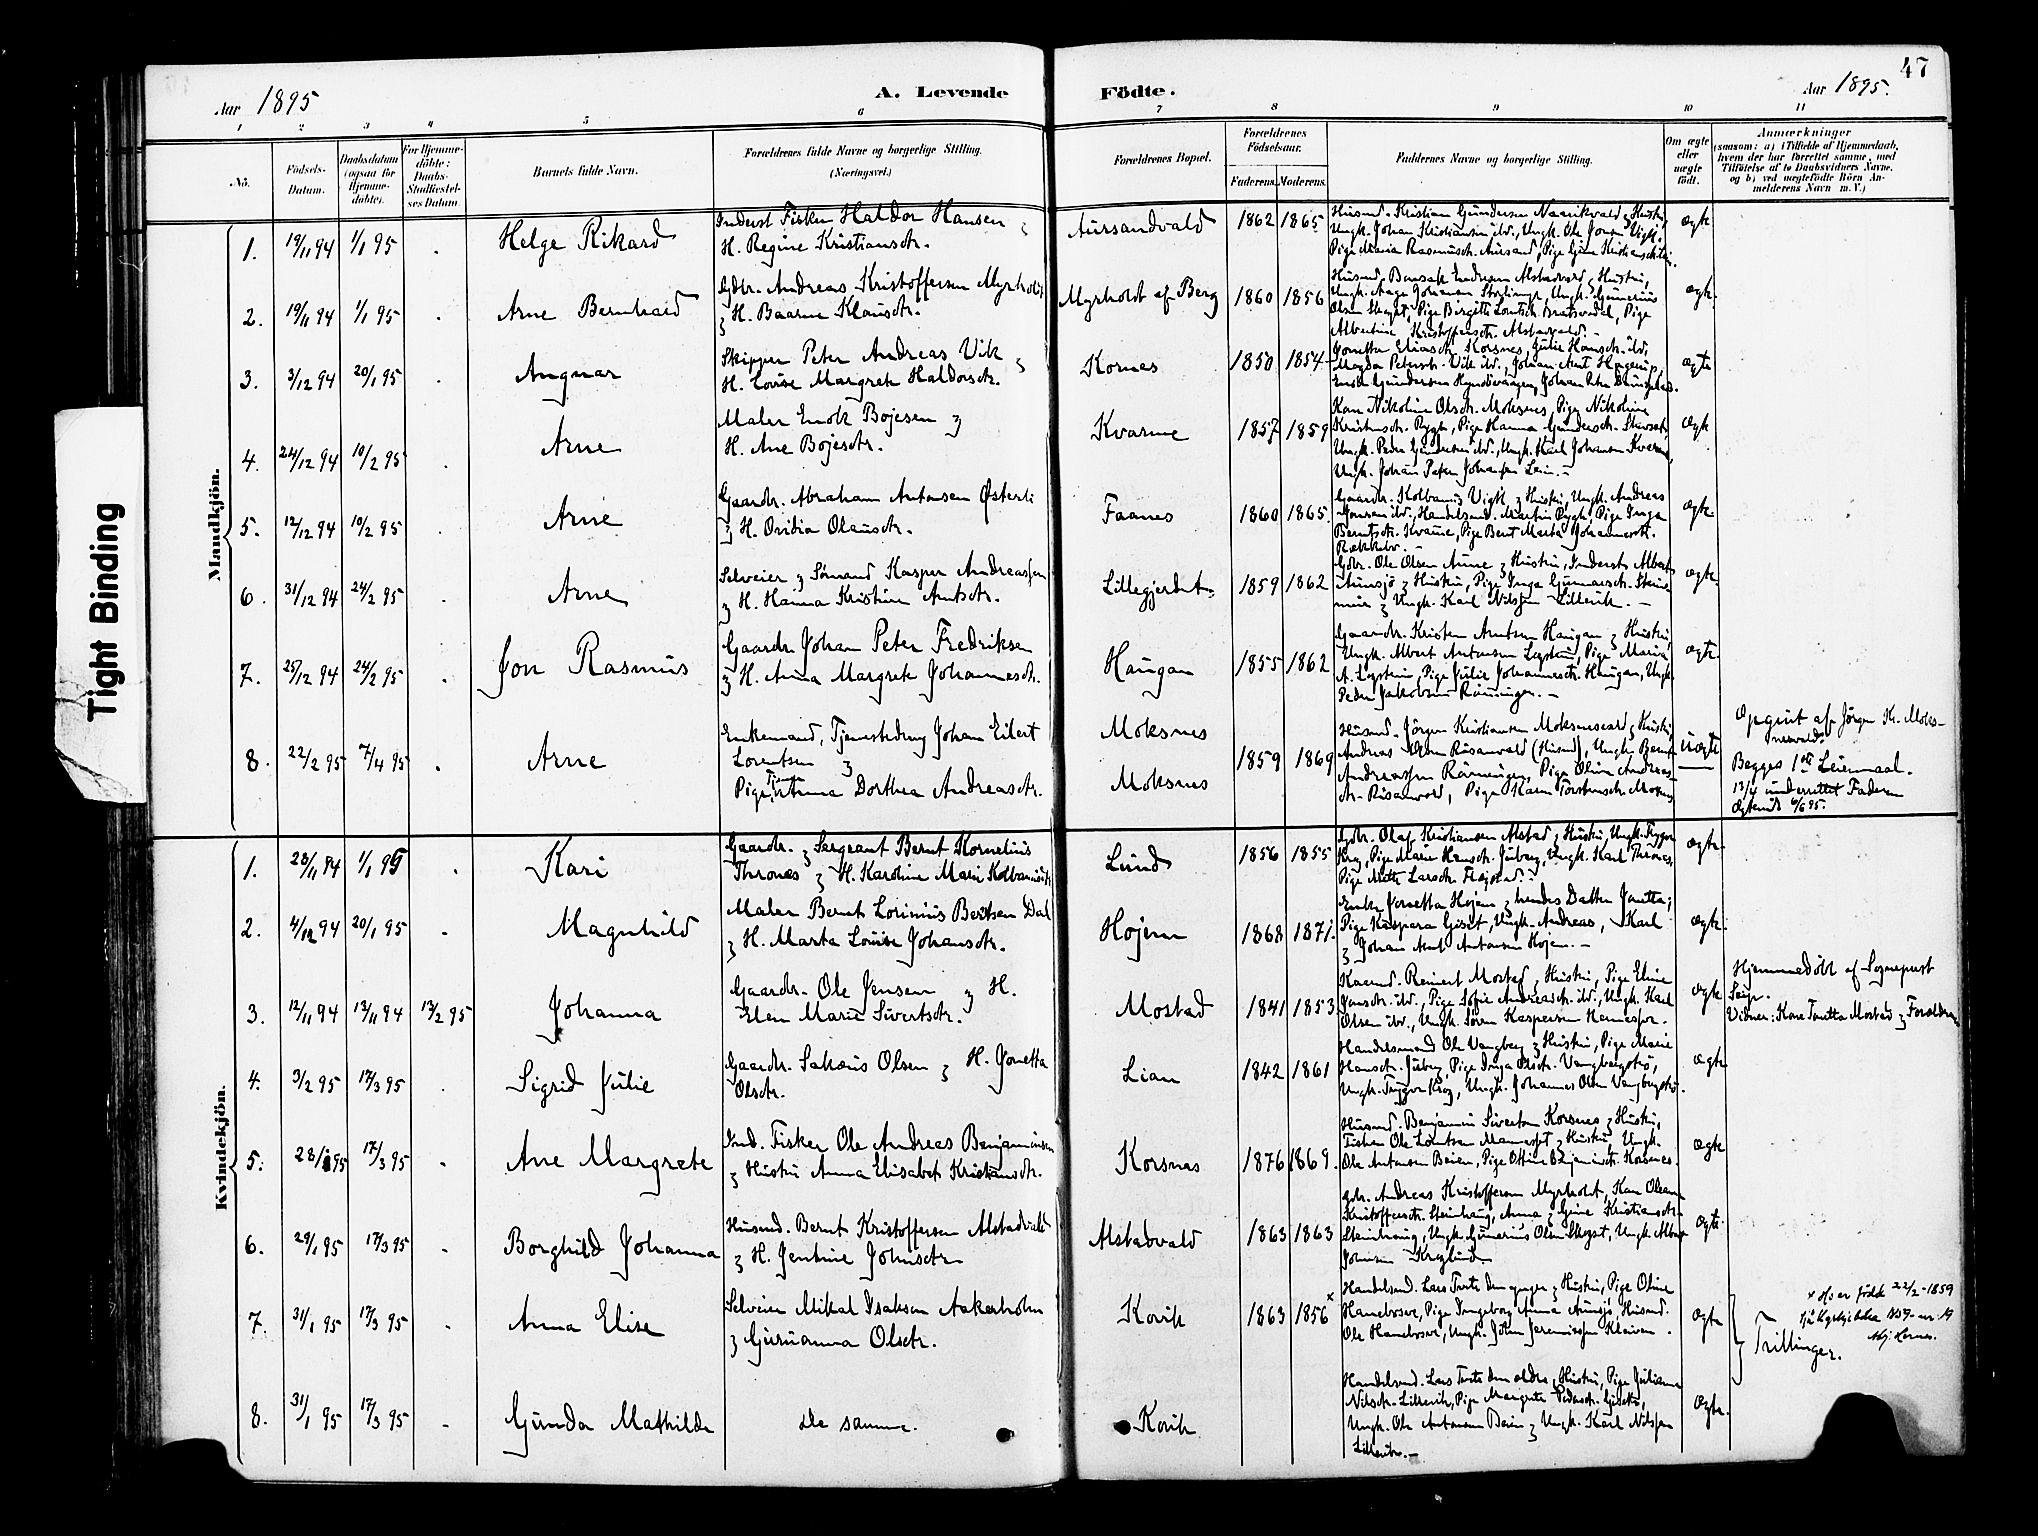 SAT, Ministerialprotokoller, klokkerbøker og fødselsregistre - Nord-Trøndelag, 713/L0121: Ministerialbok nr. 713A10, 1888-1898, s. 47